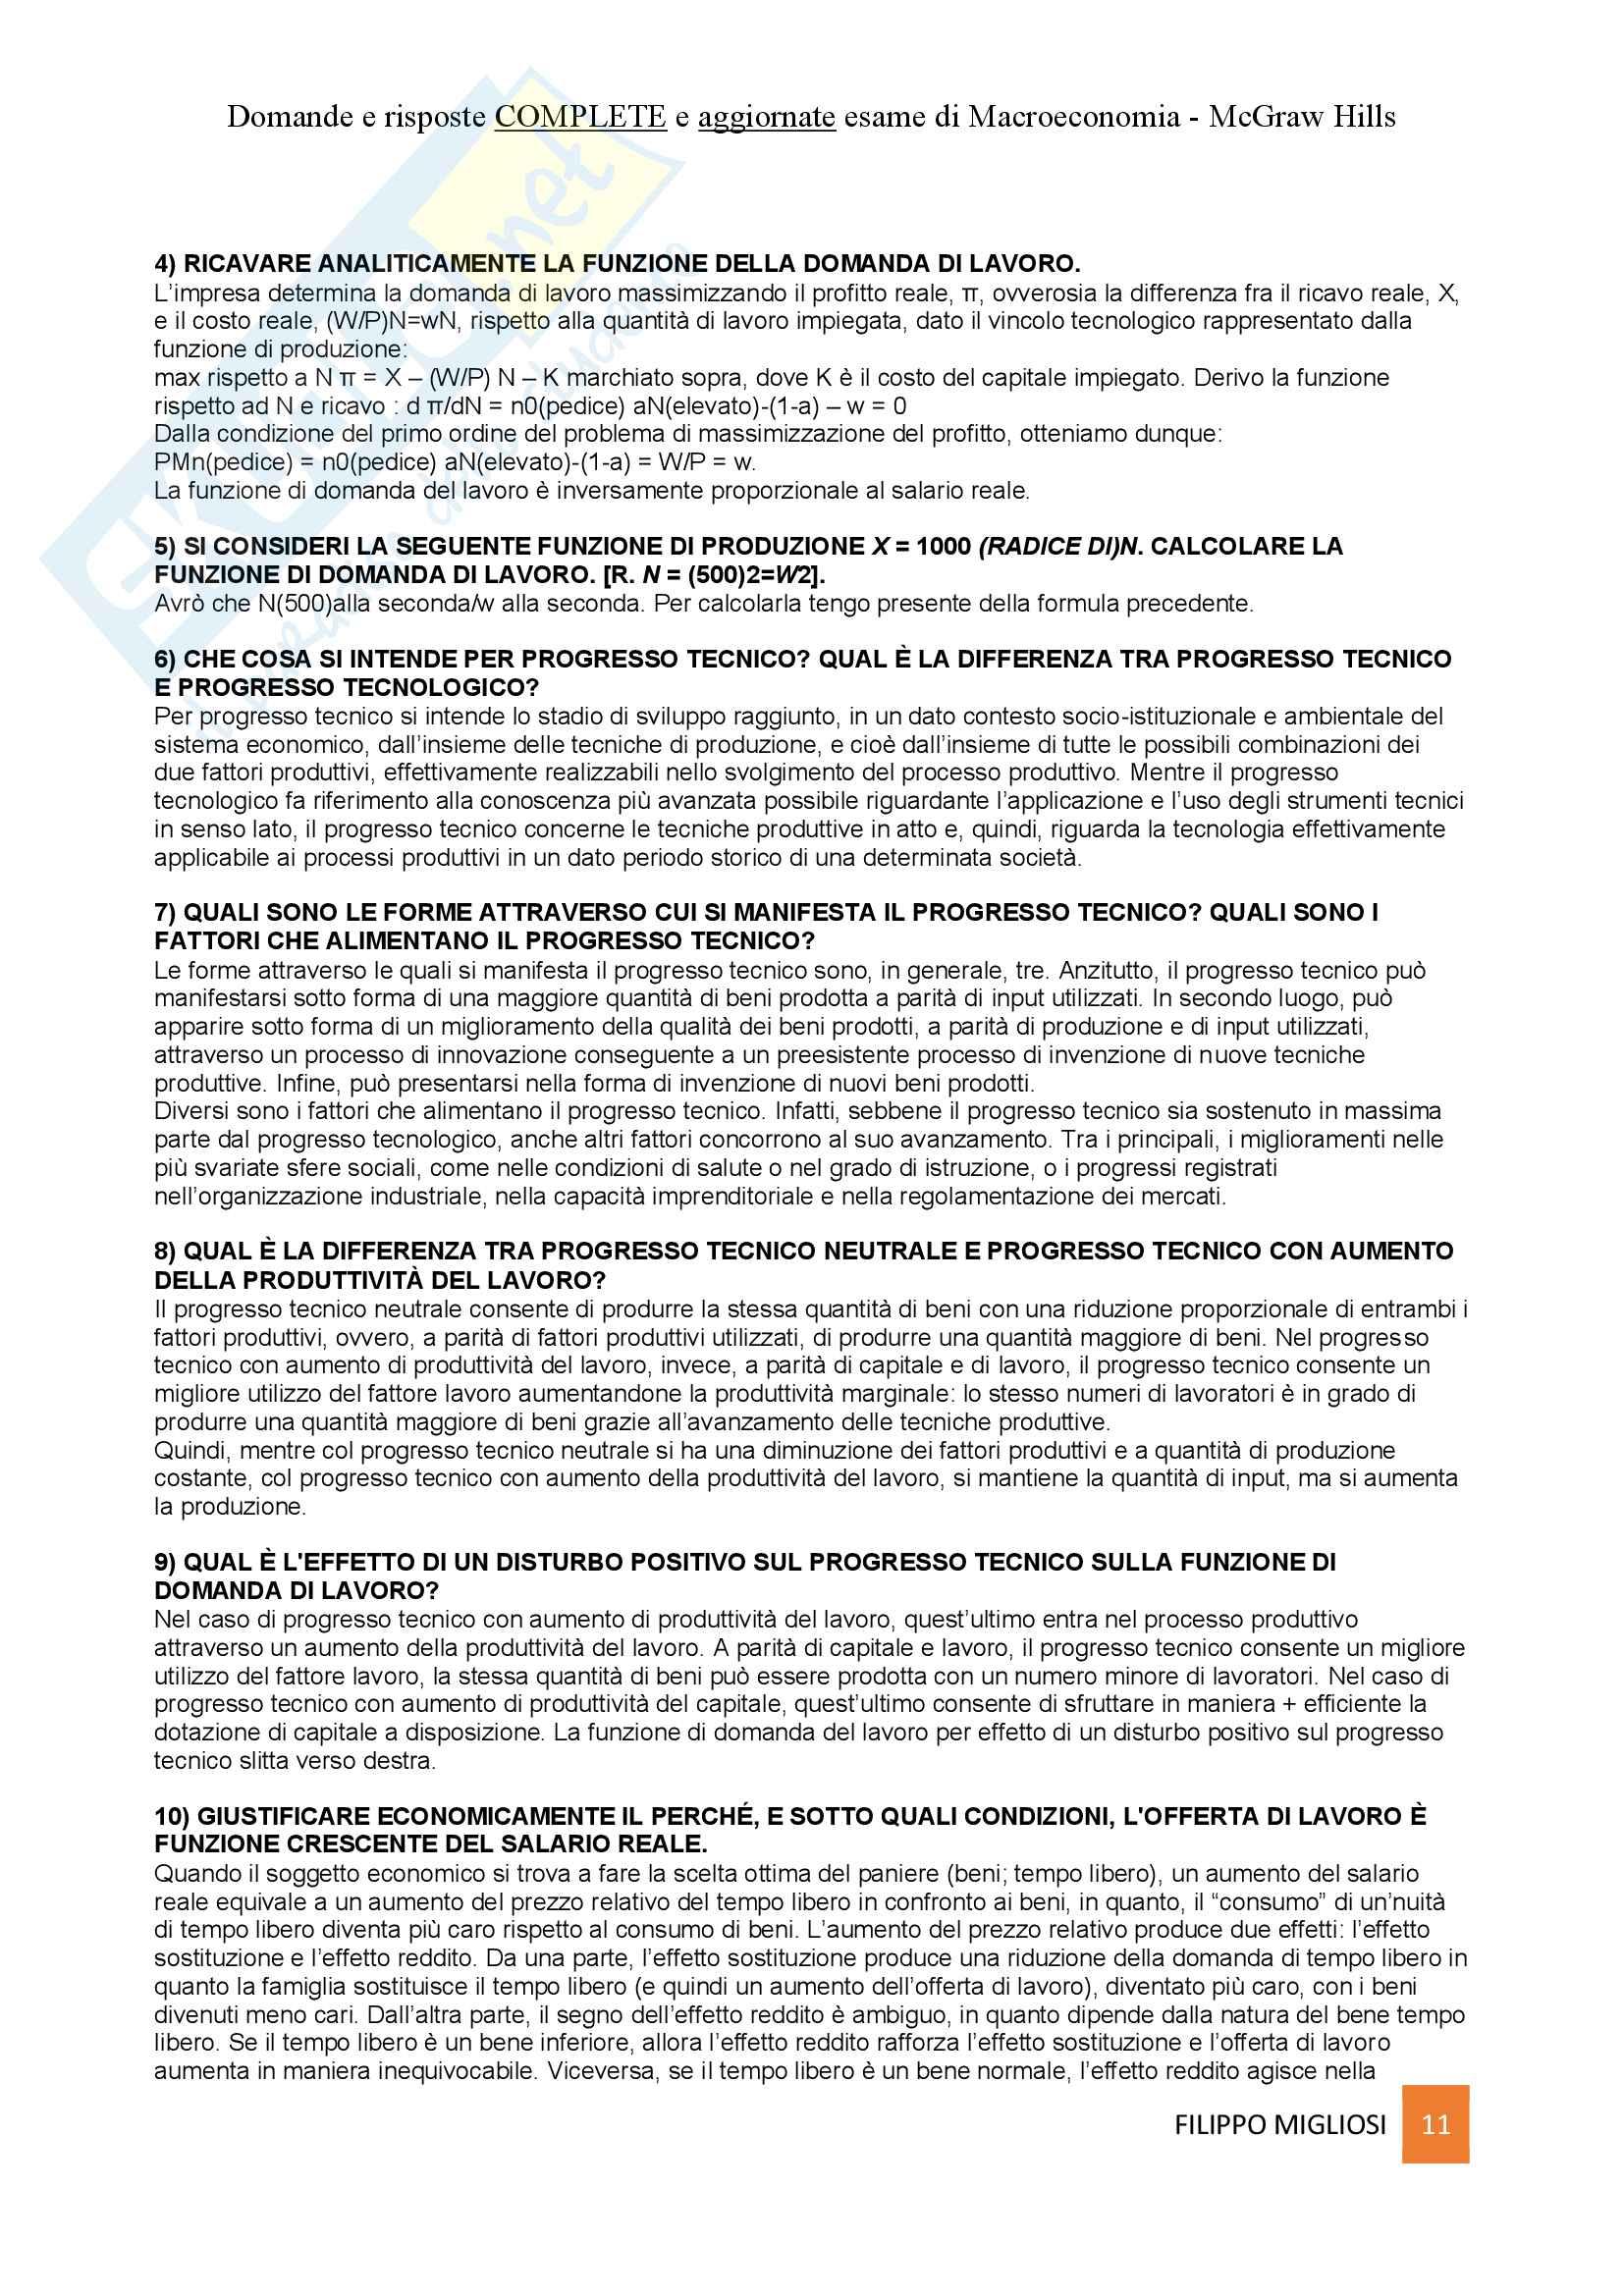 Macroeconomia - Mauro Visaggio - Risposte domande esame Pag. 11